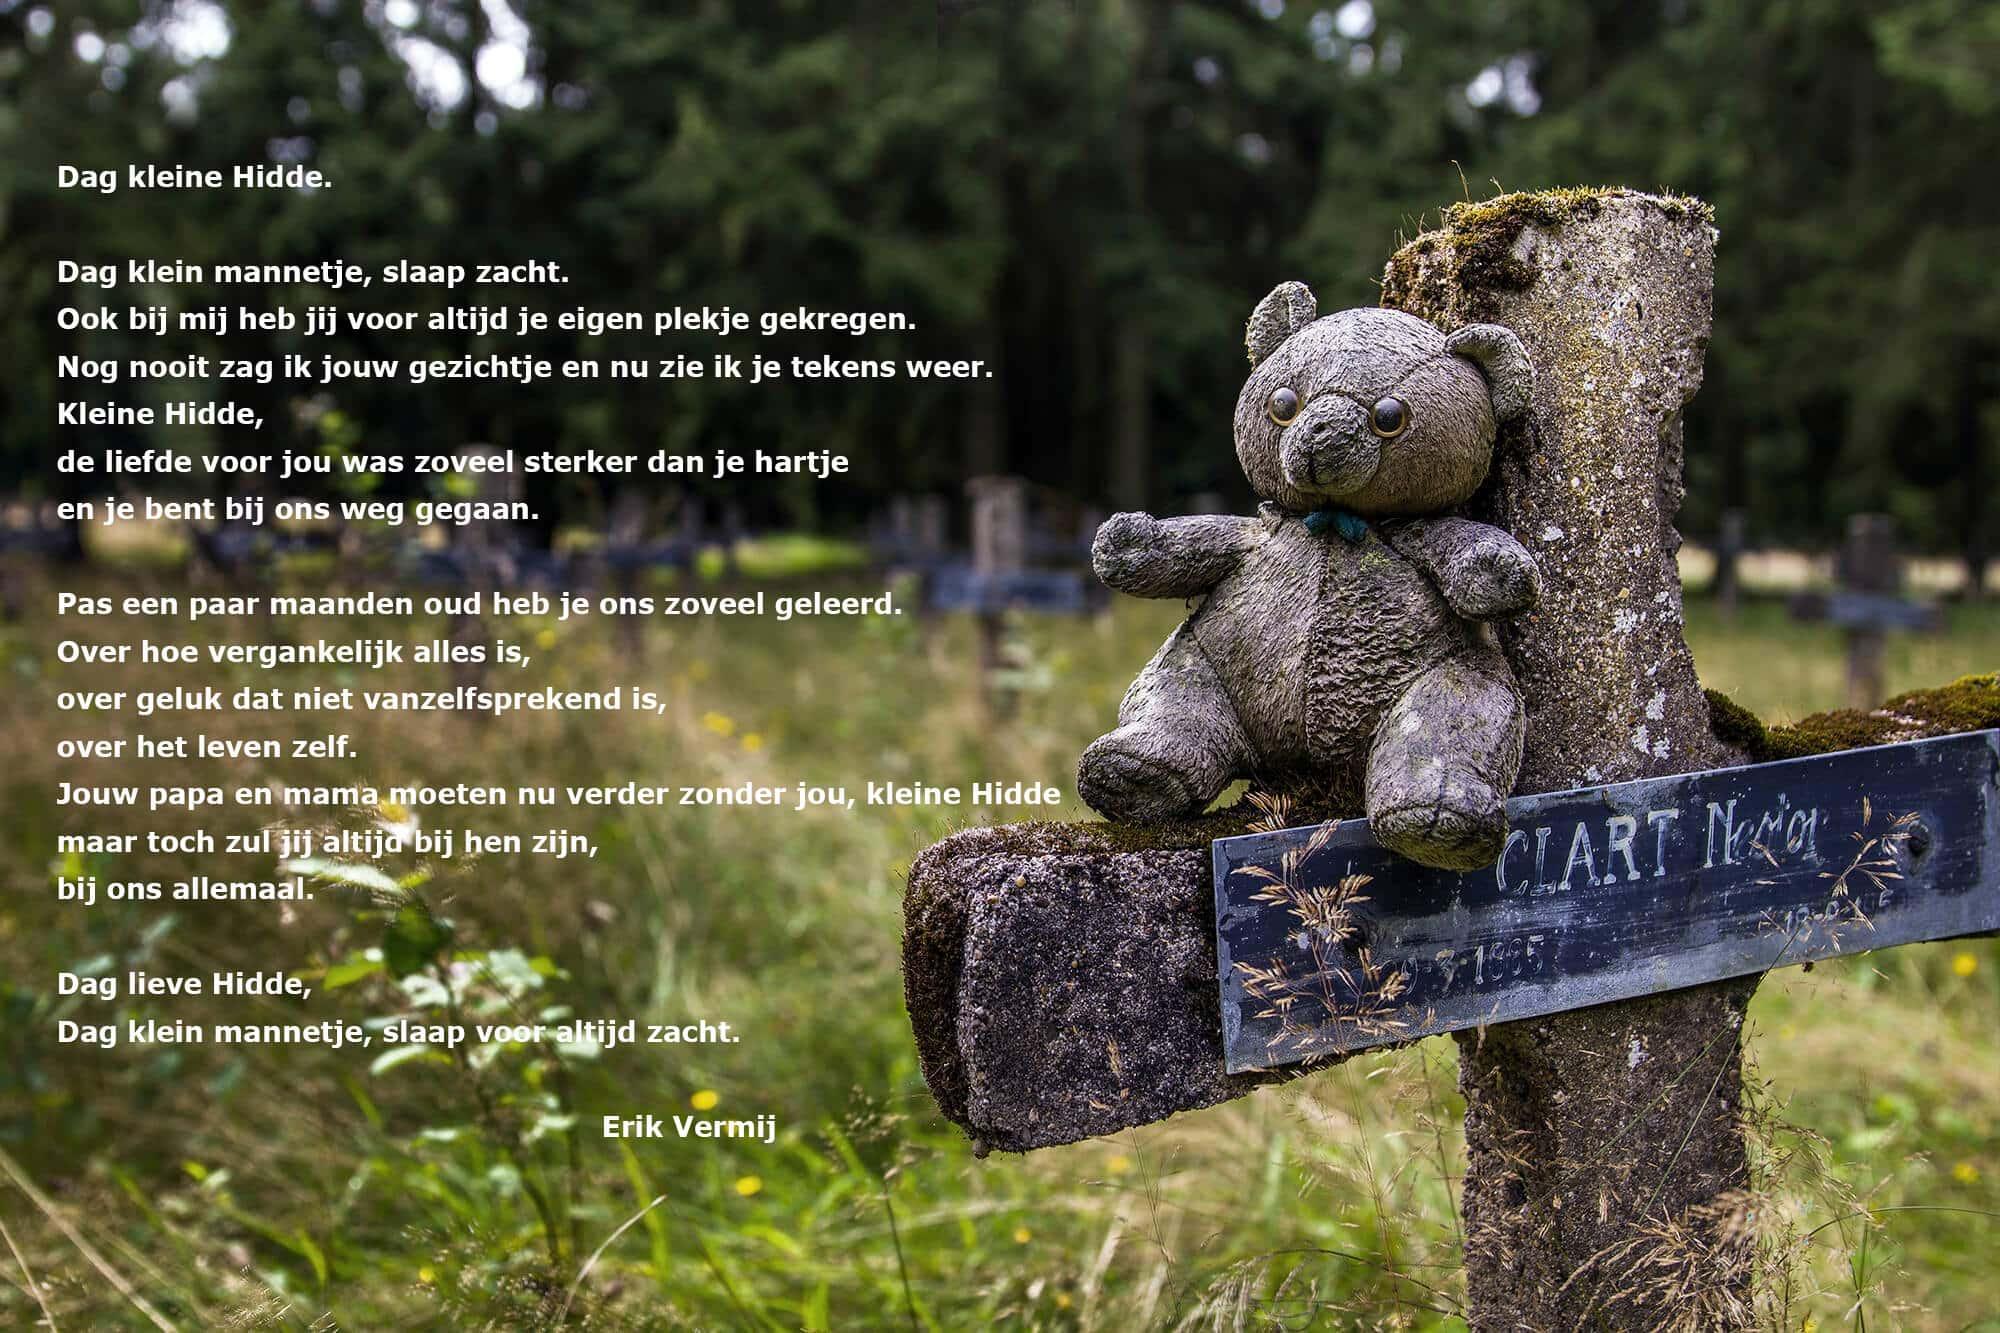 Dit gedicht is geschreven voor de haast ontroostbare ouder voor kleine Hidde